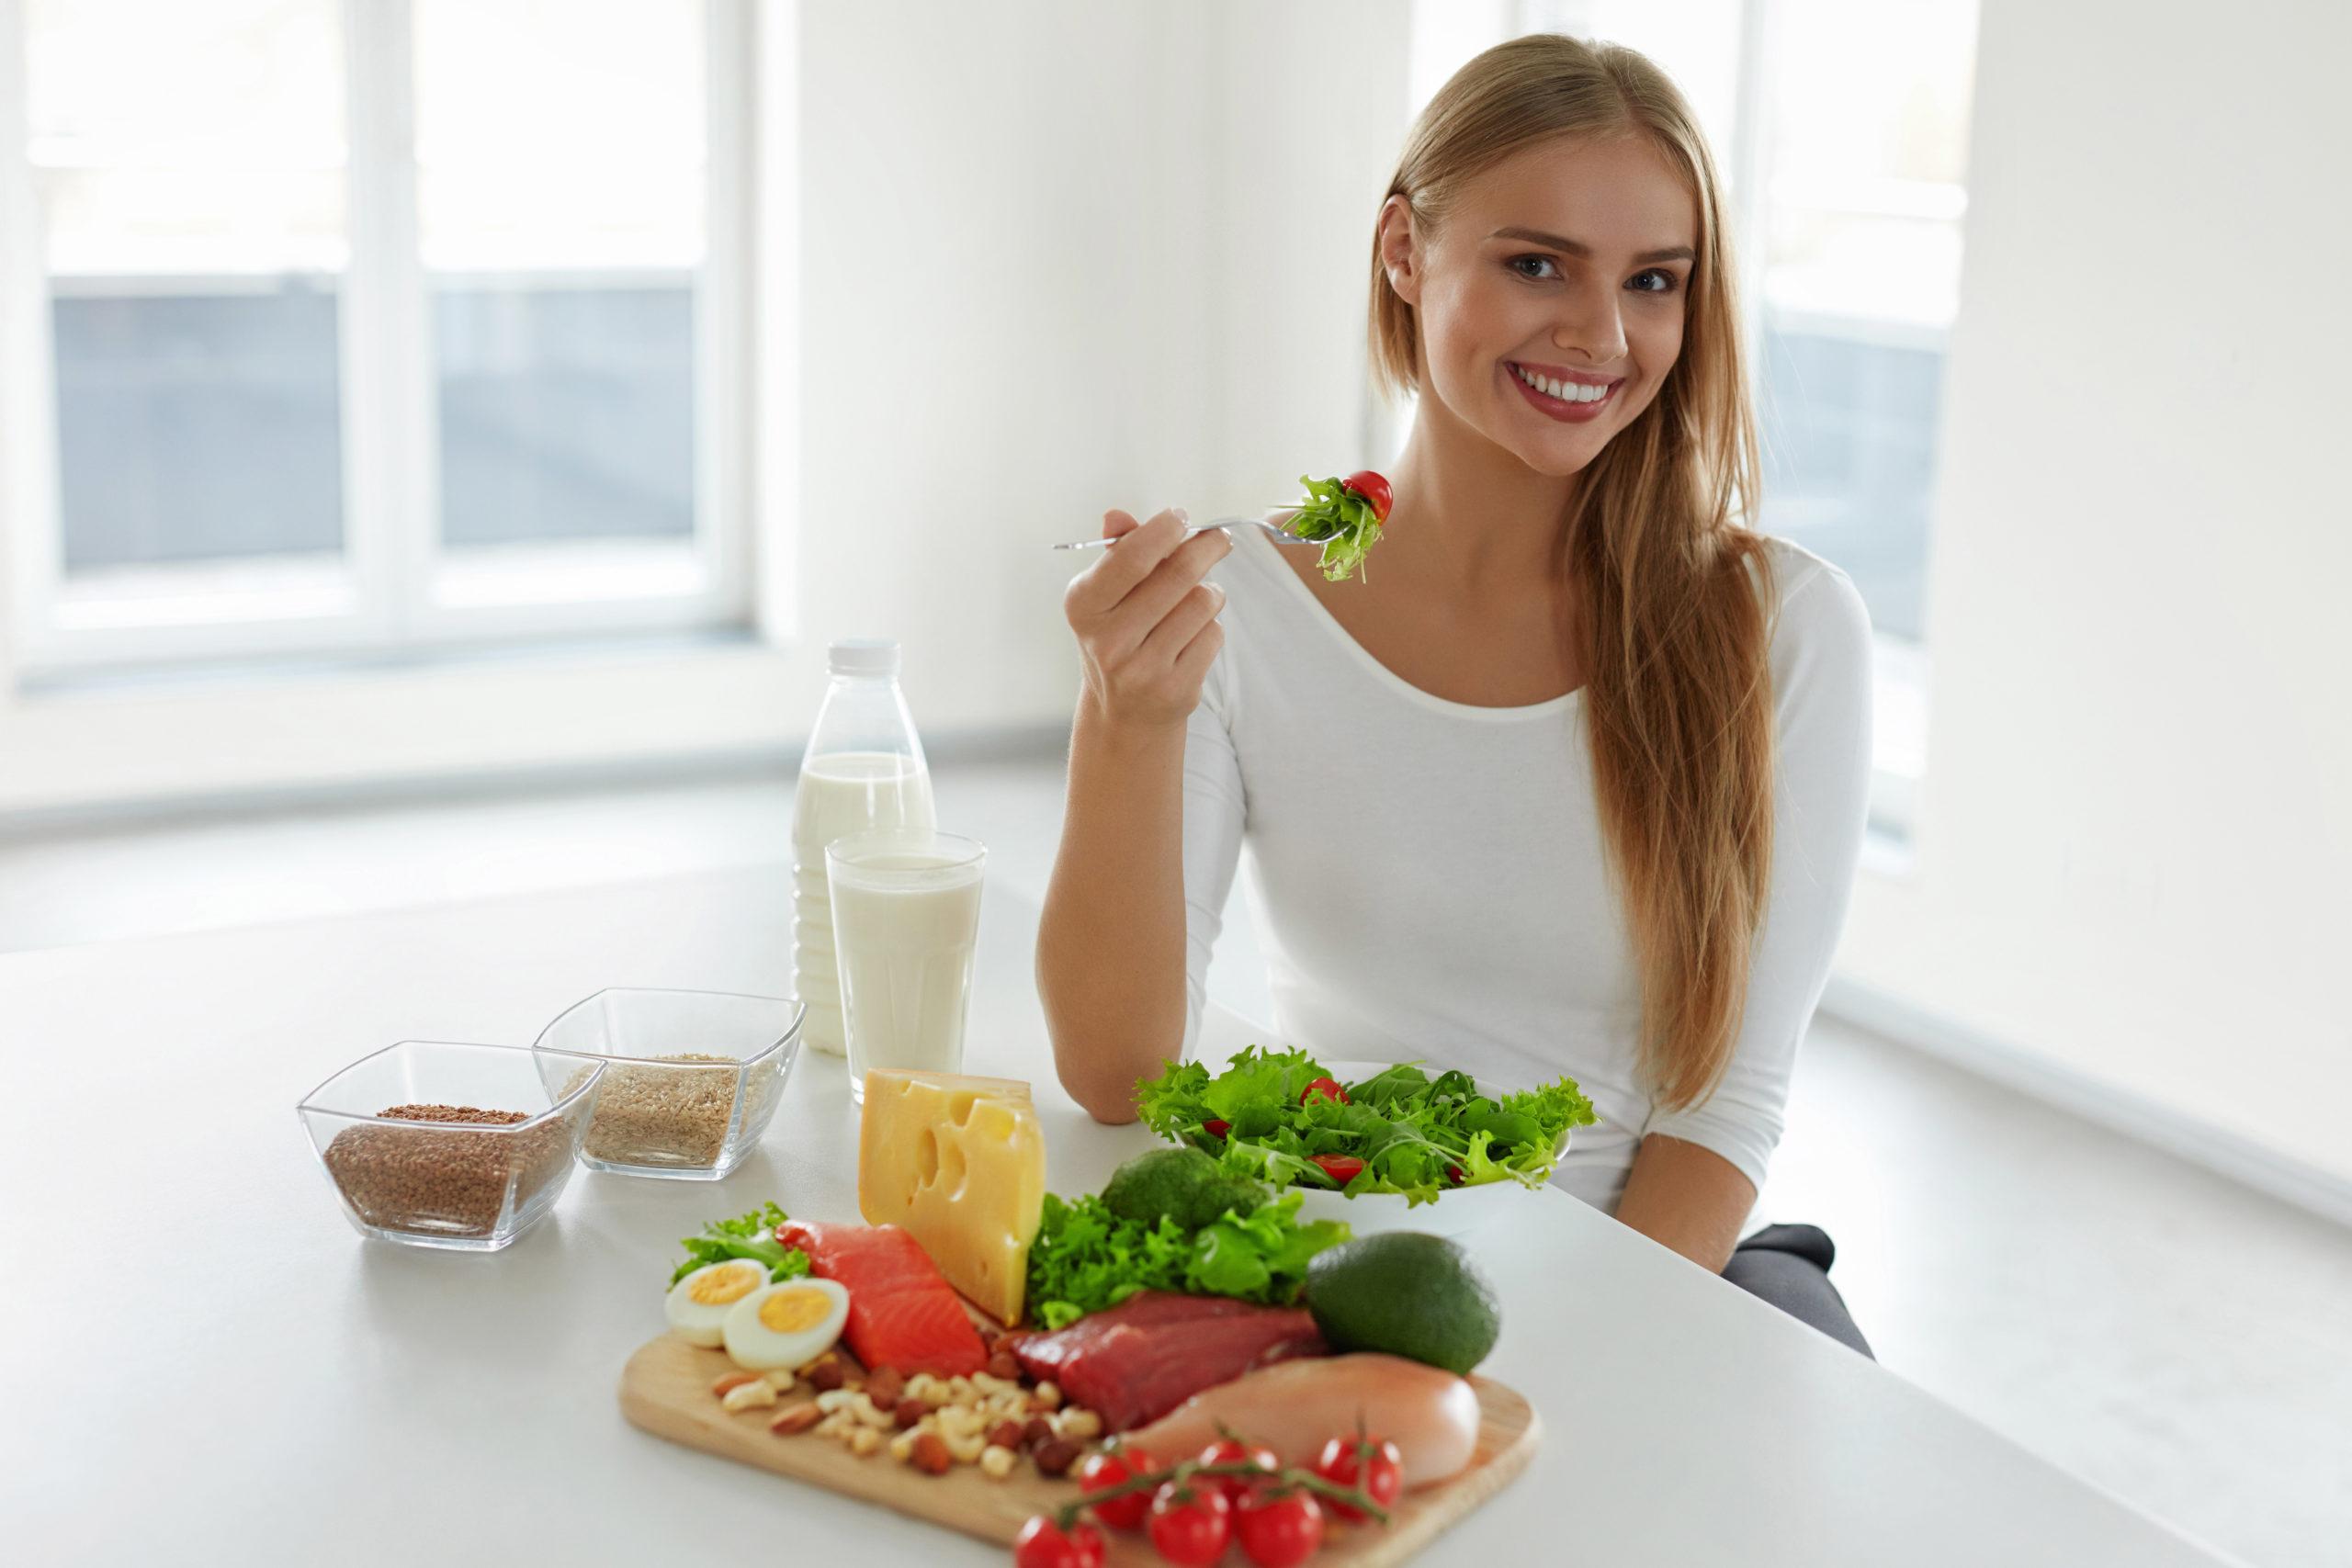 Yemeğini Neden Yavaş Yemelisin?